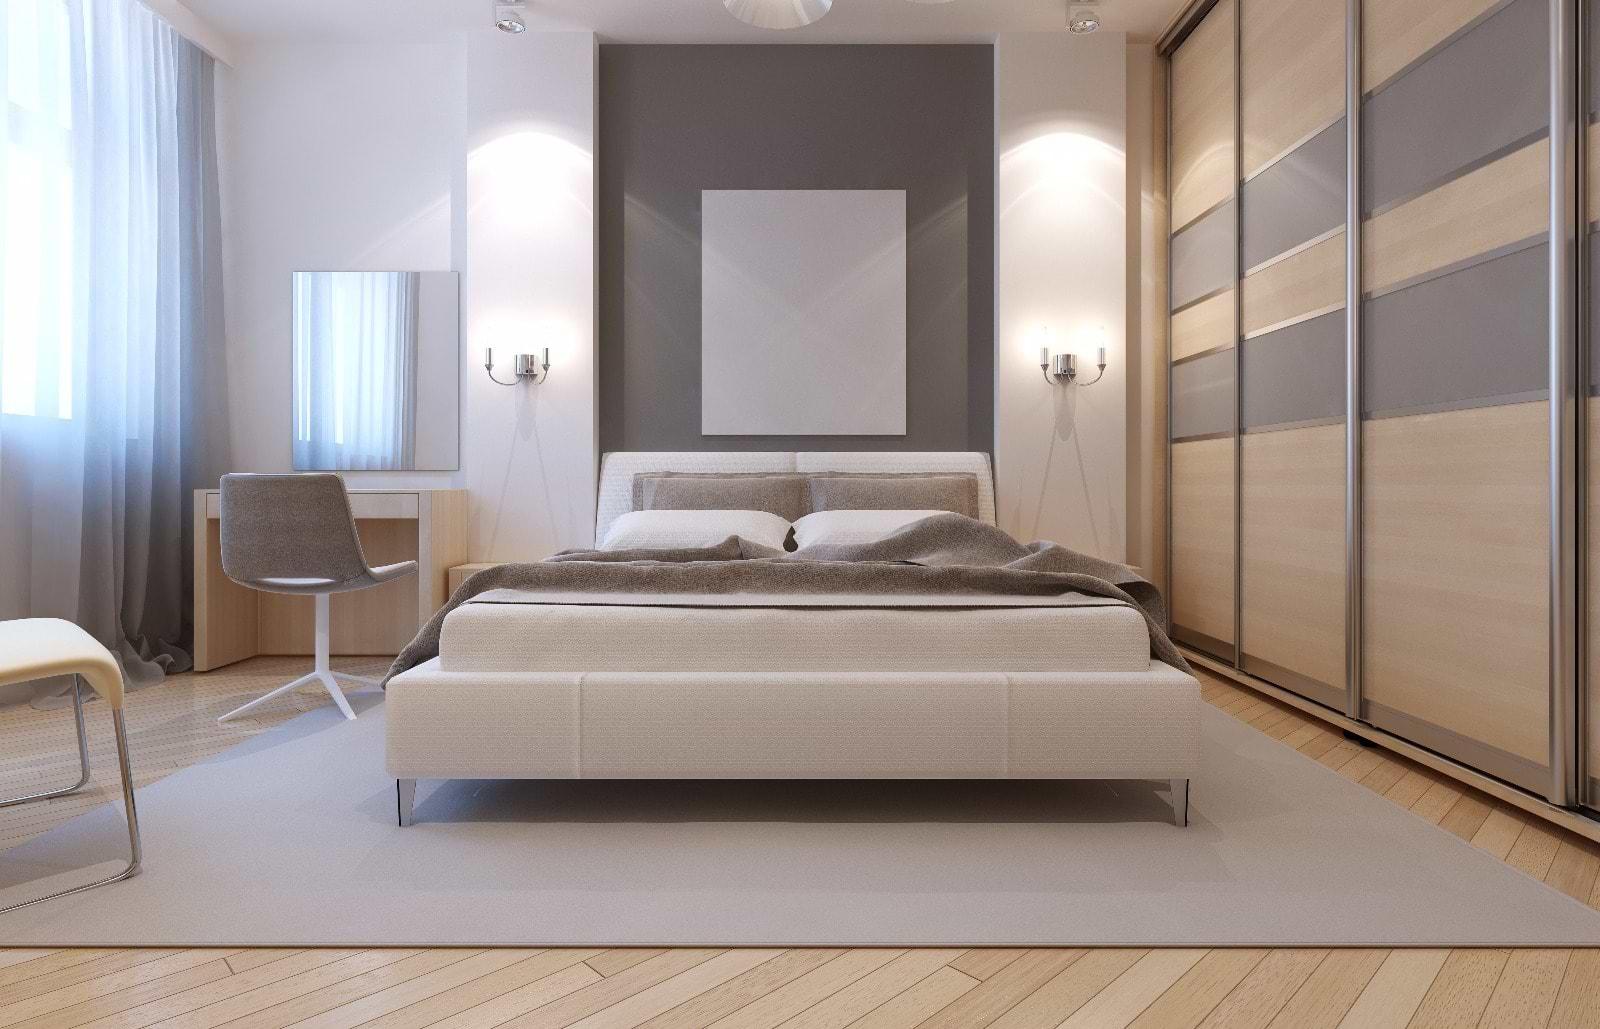 תמונת אוירה חדר שינה צבעים טבעיים